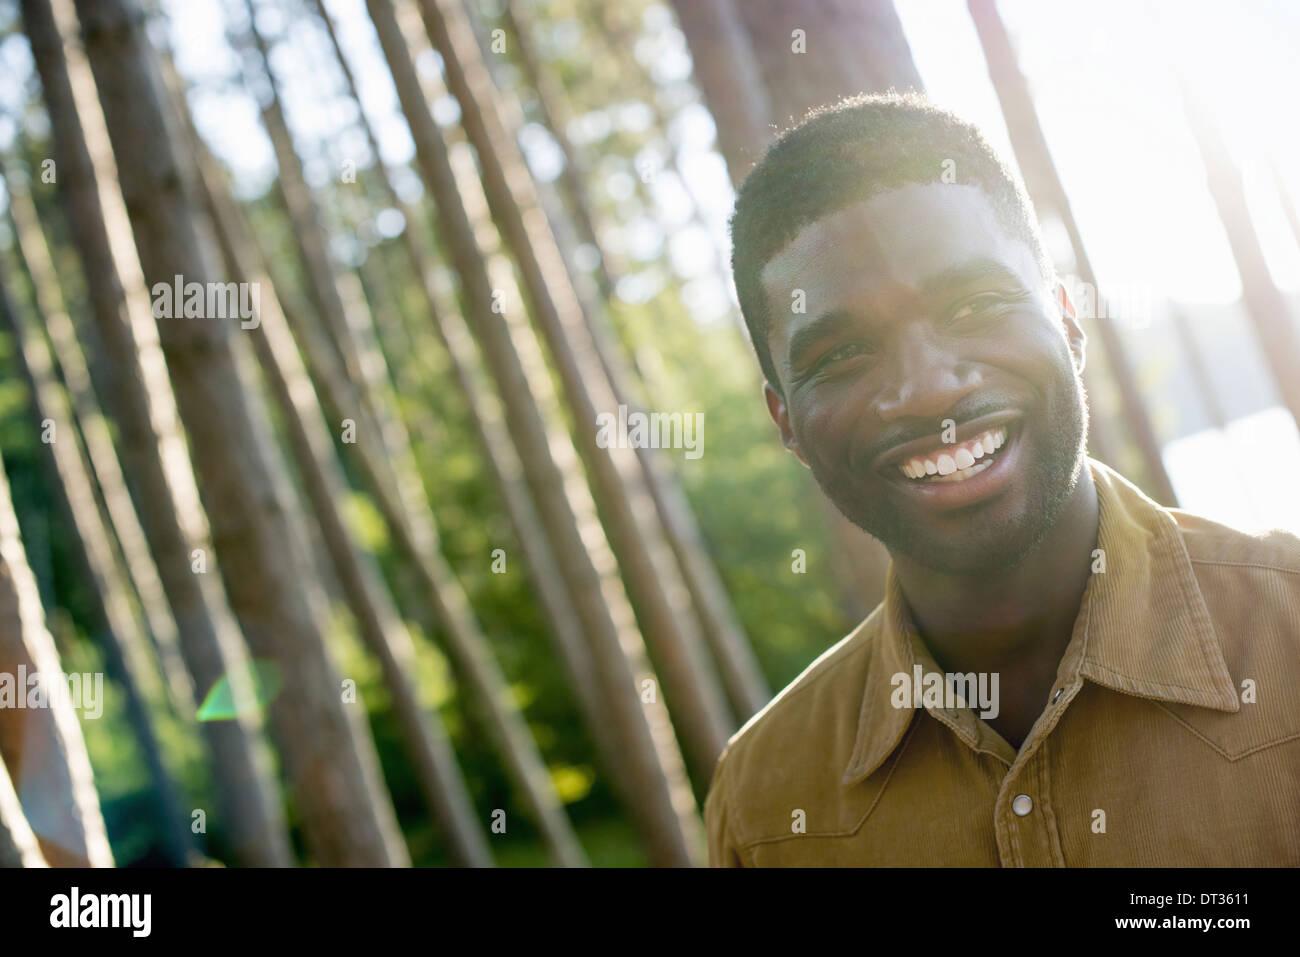 Un uomo sorridente con la videocamera sotto l'ombra degli alberi in estate Immagini Stock